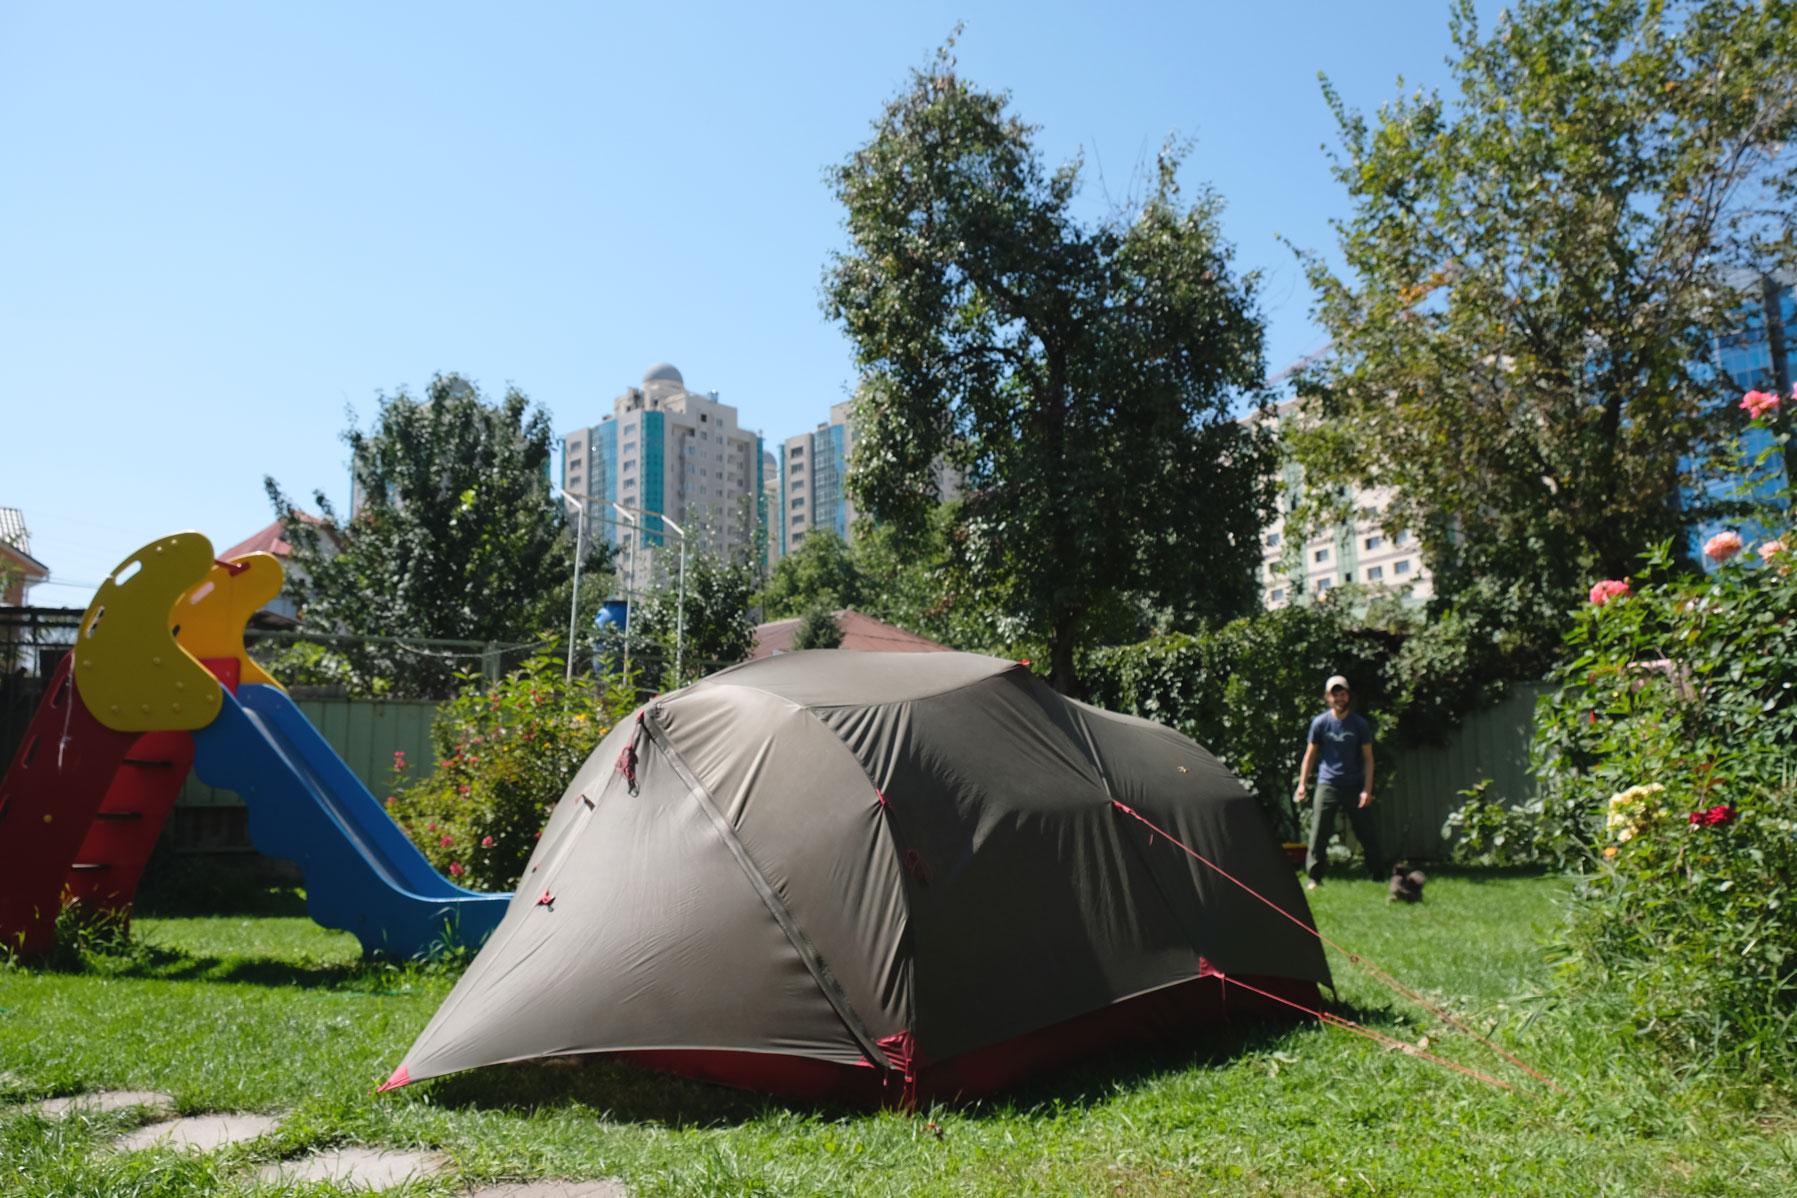 Zelten mitten in der Großstadt, umgeben von Hühnern. Auch irgendwie skurril.